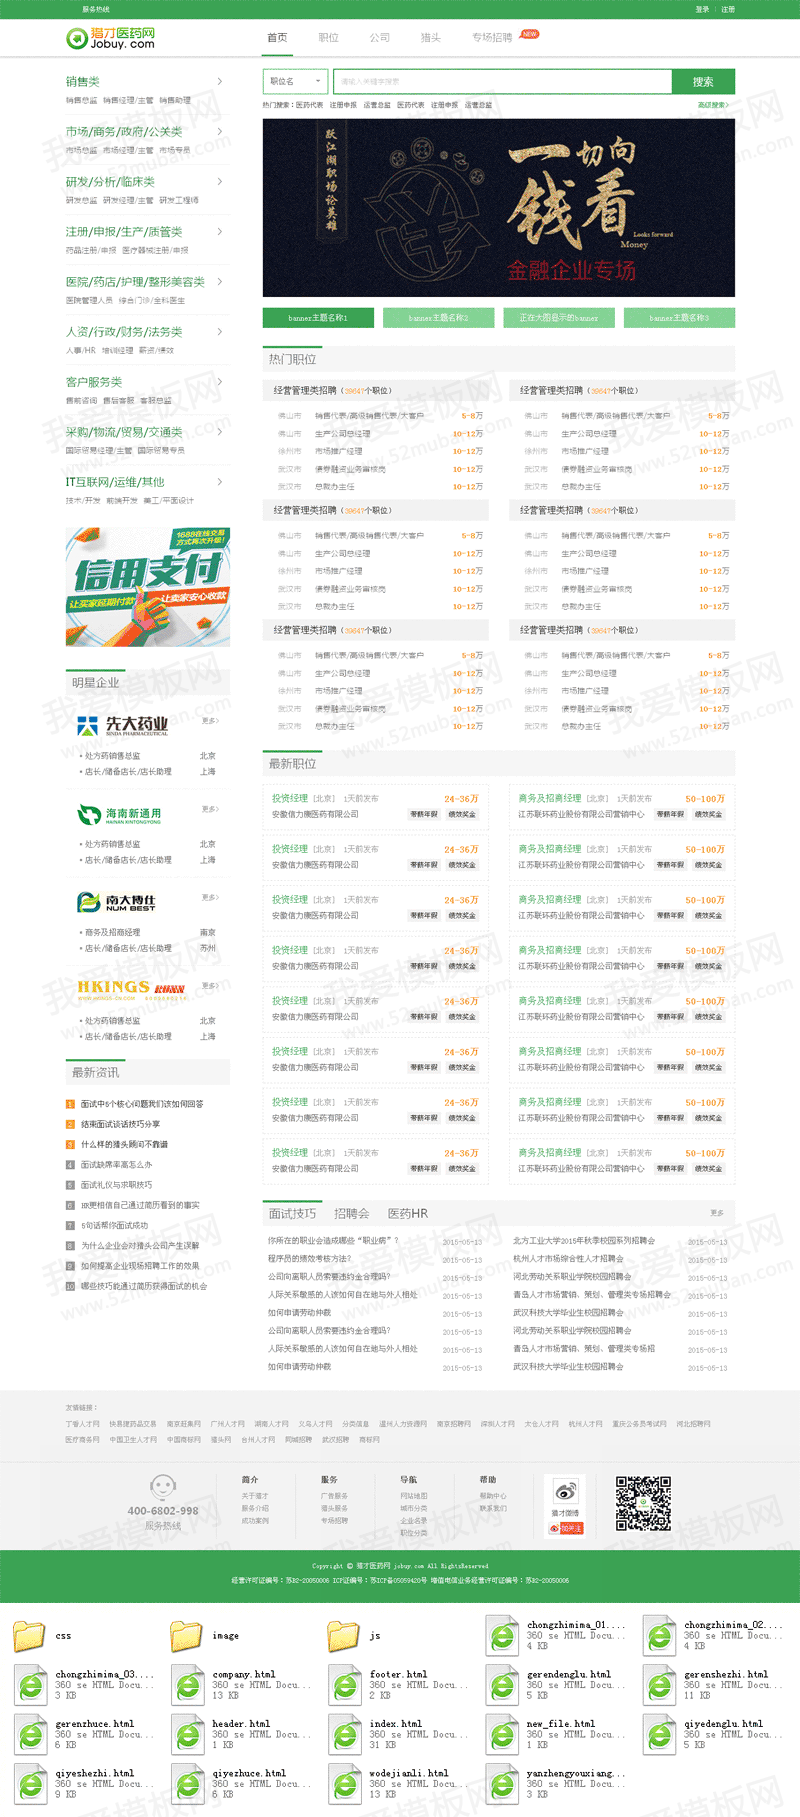 绿色的医药行业招聘平台网站模板html源码